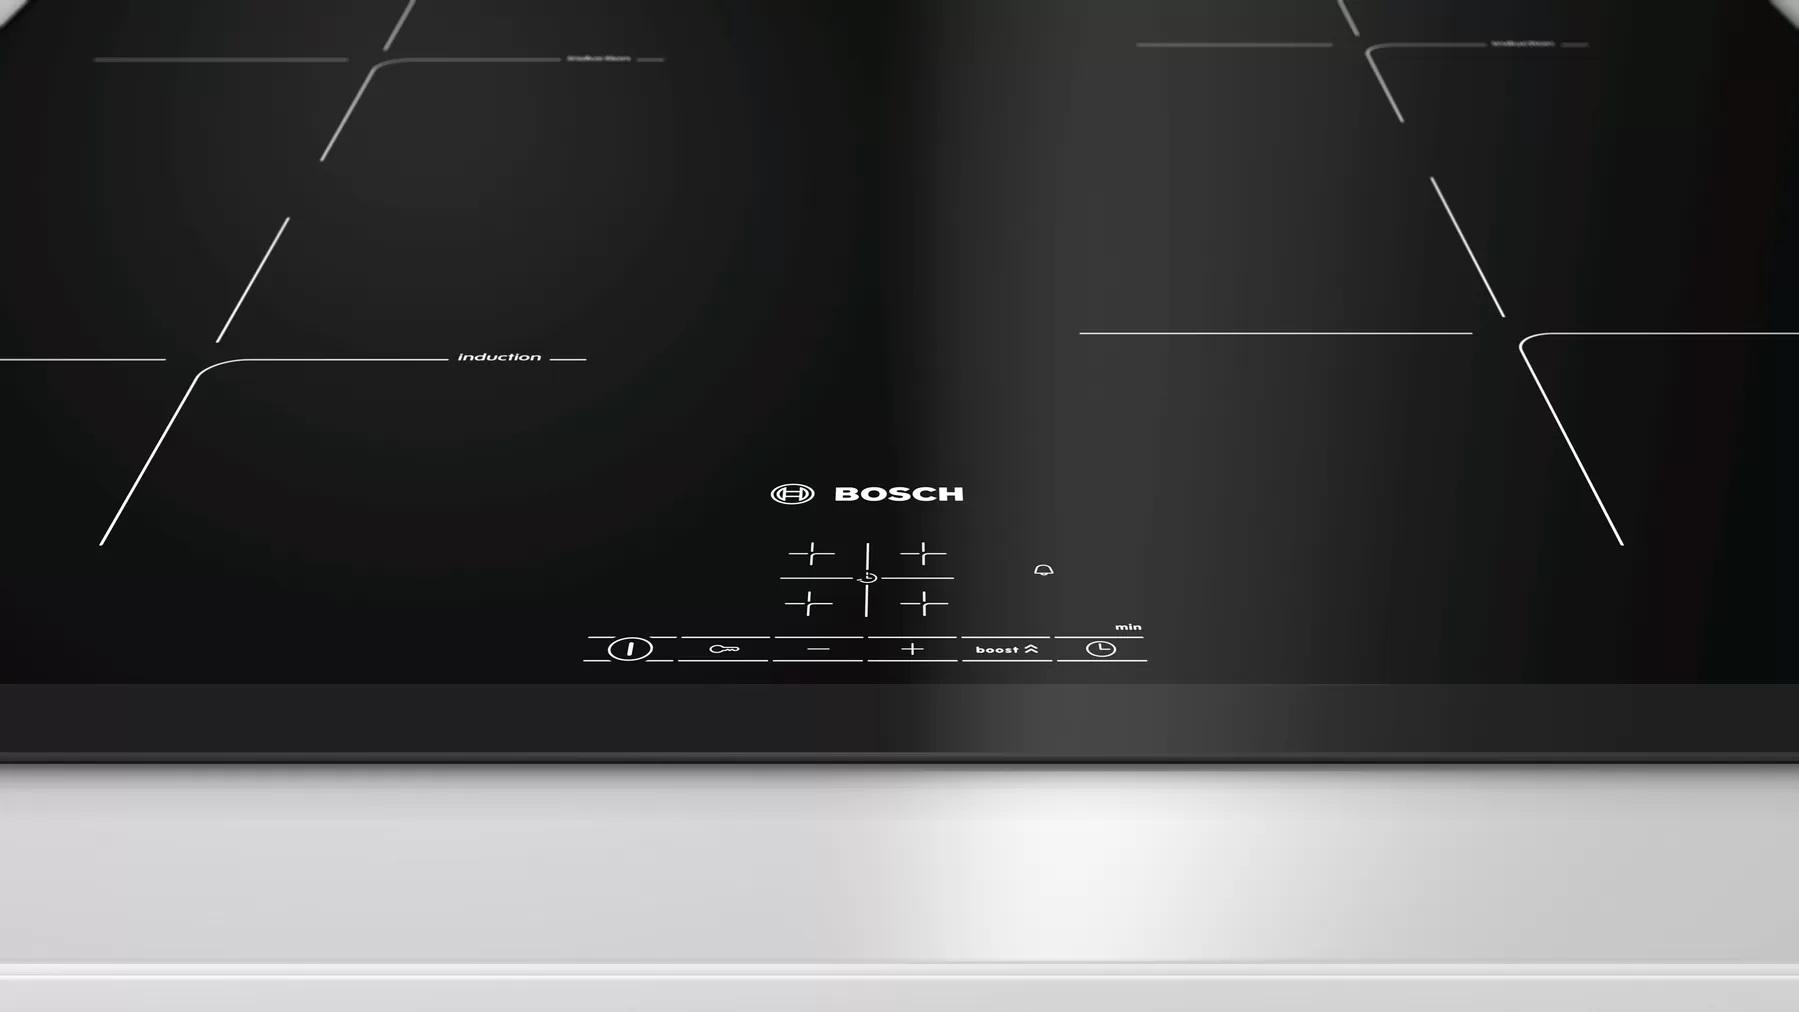 czarna płyta indukcyjna firmy Bosch